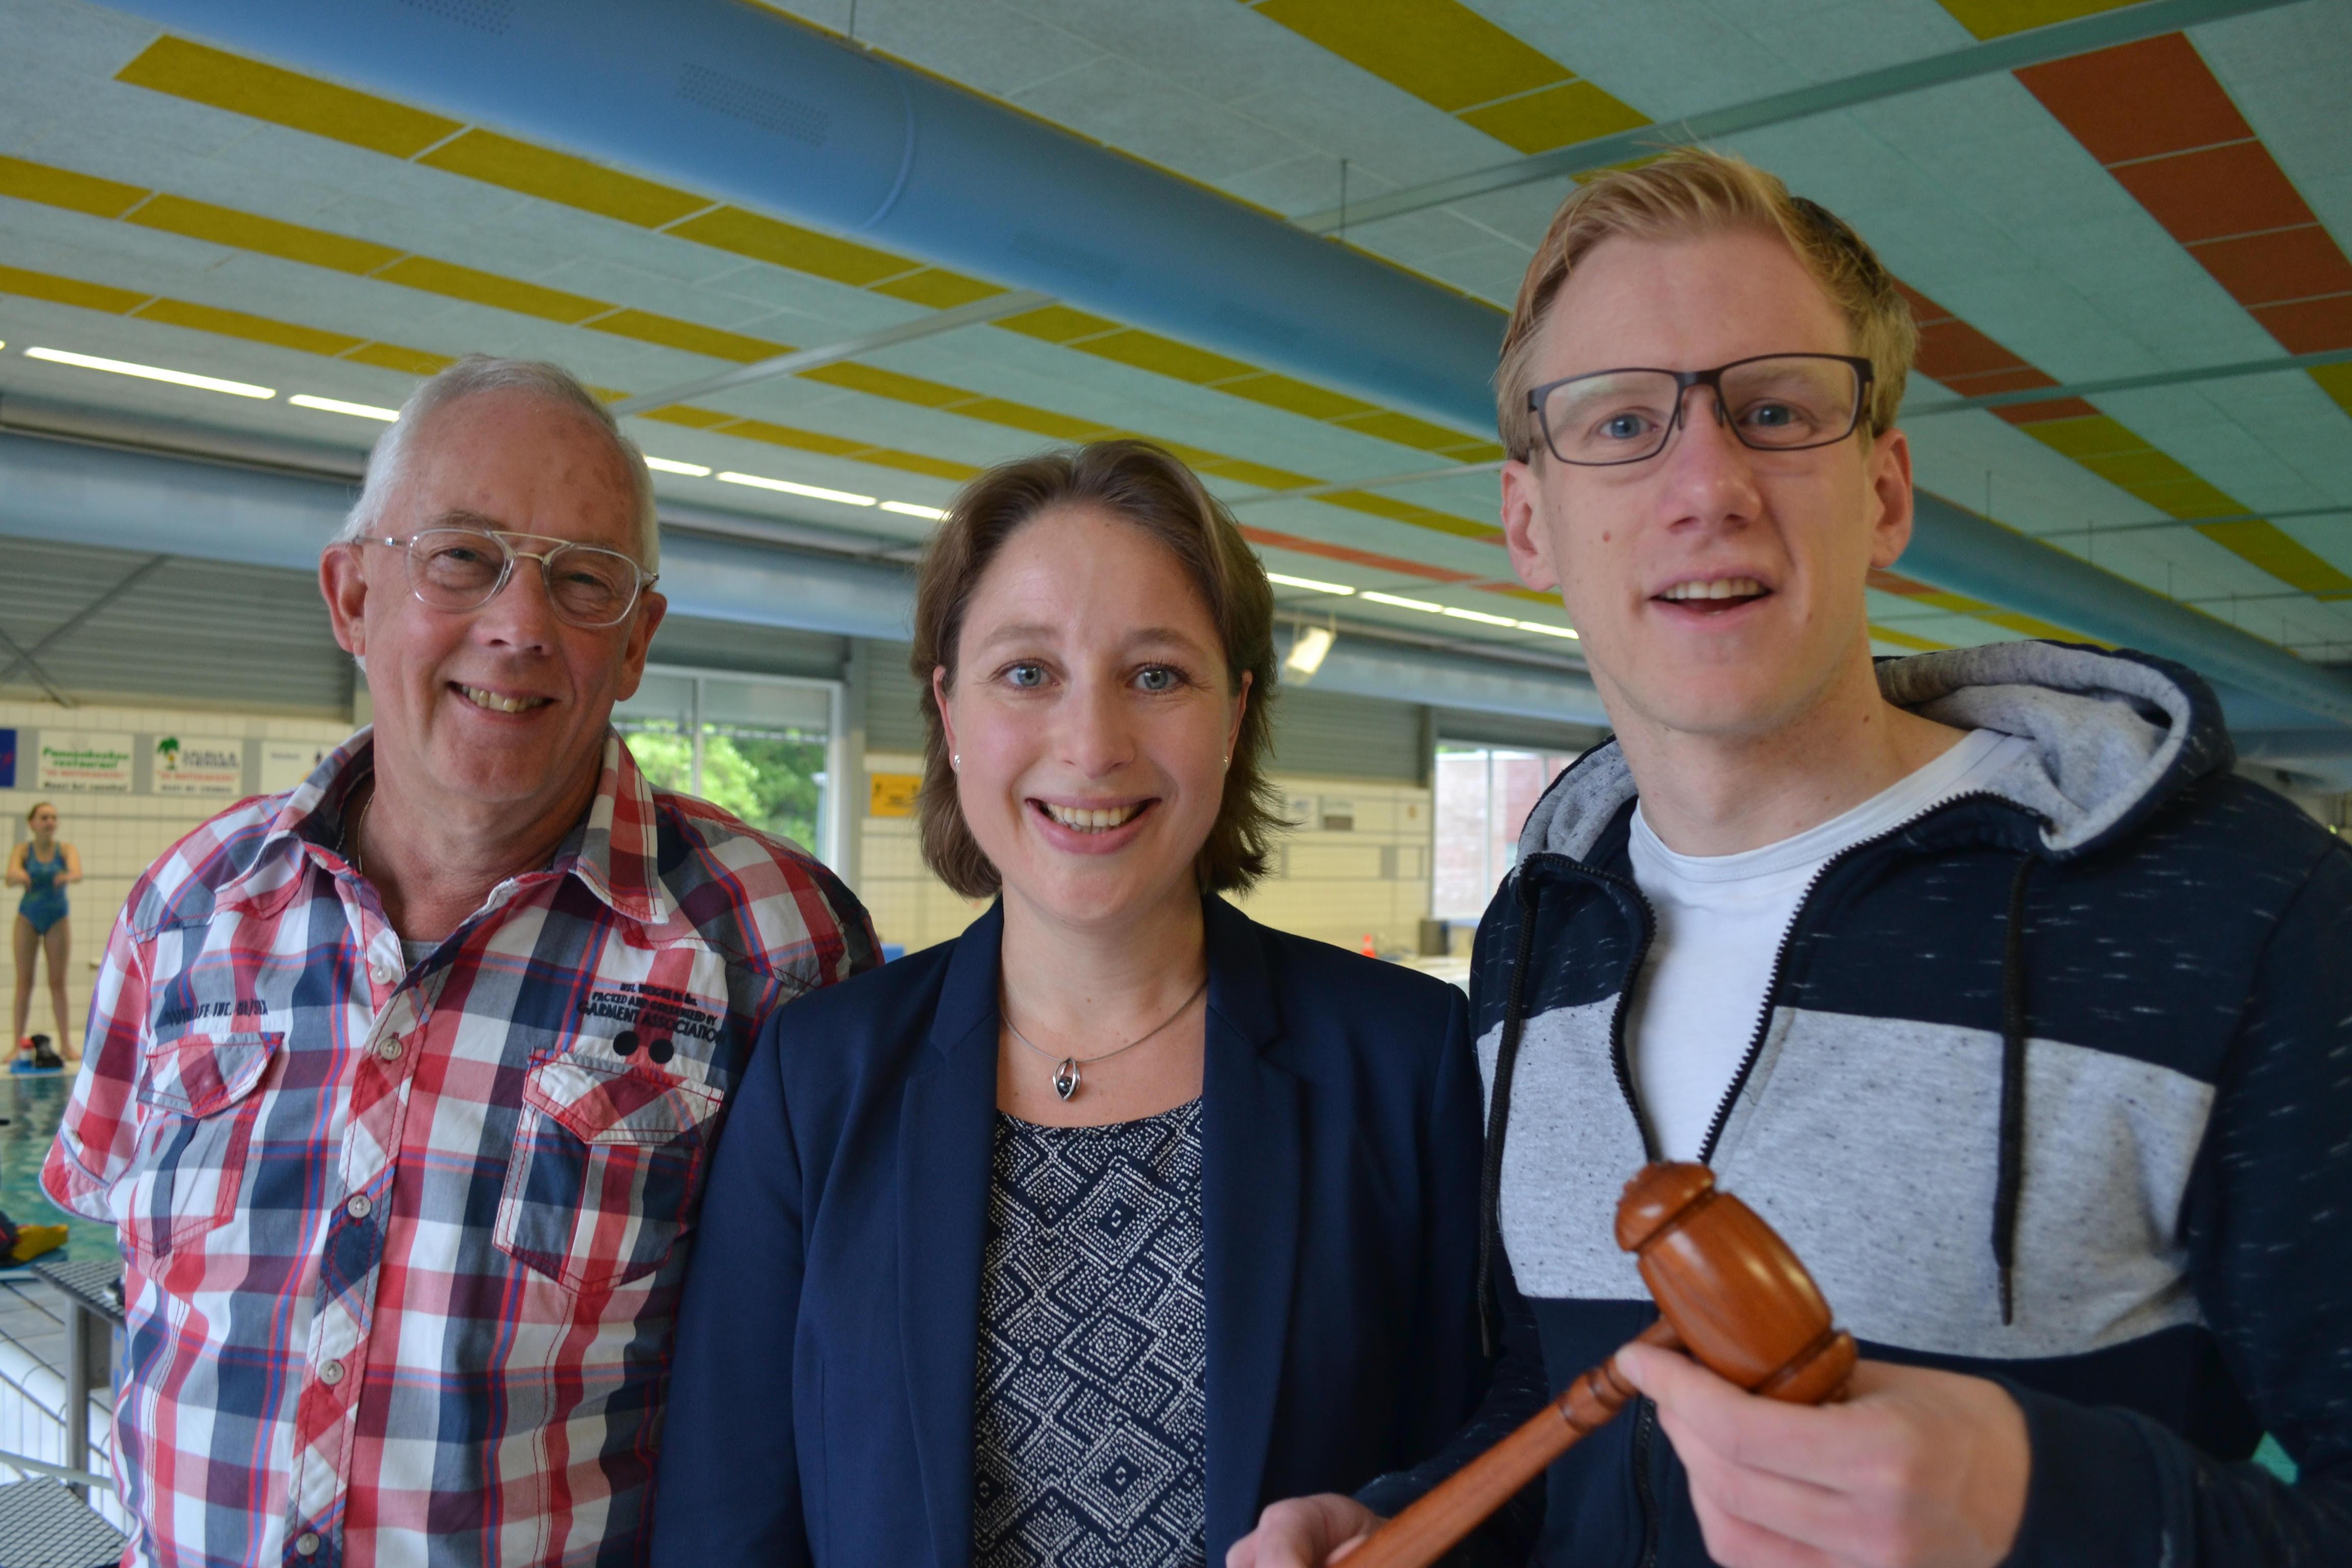 Scheiden voorzitter Adrie van der Gracht (links) samen met Pauline Heus en Pascal Palmboom. (foto aangeleverd)